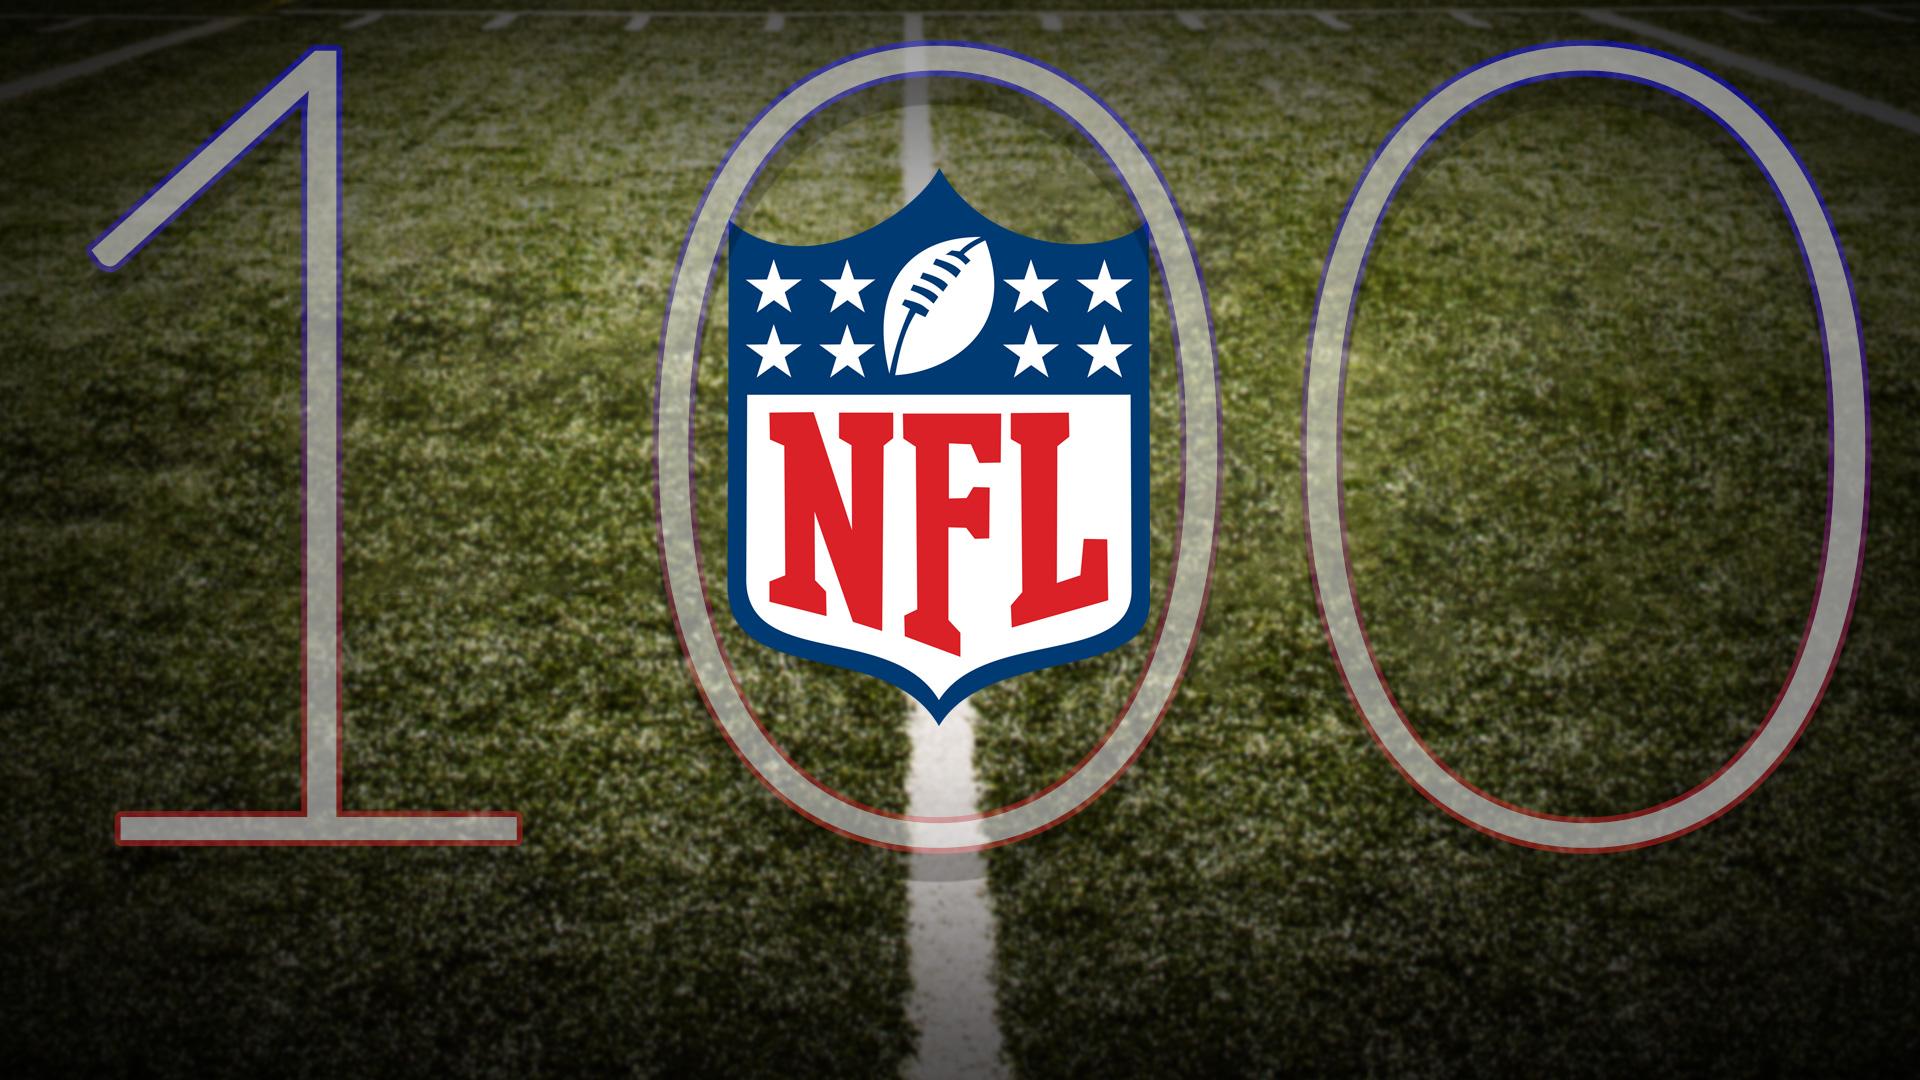 100 NFL-060215-FTR.jpg